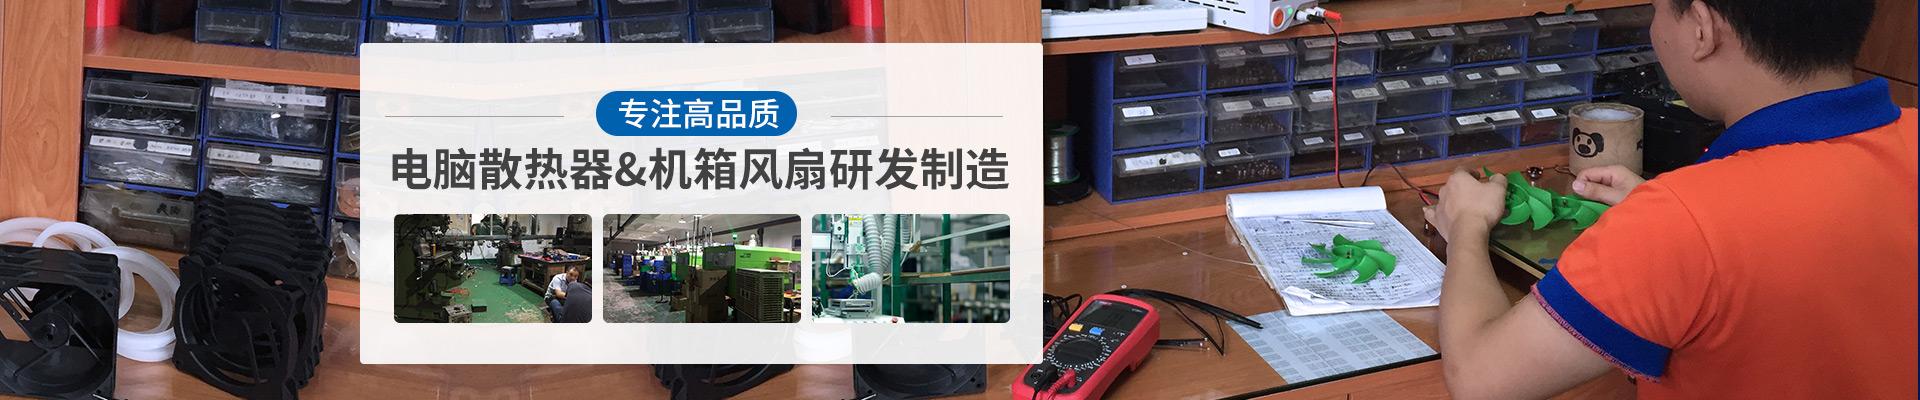 宝迪凯专注高品质散热器&机箱风扇研发制造